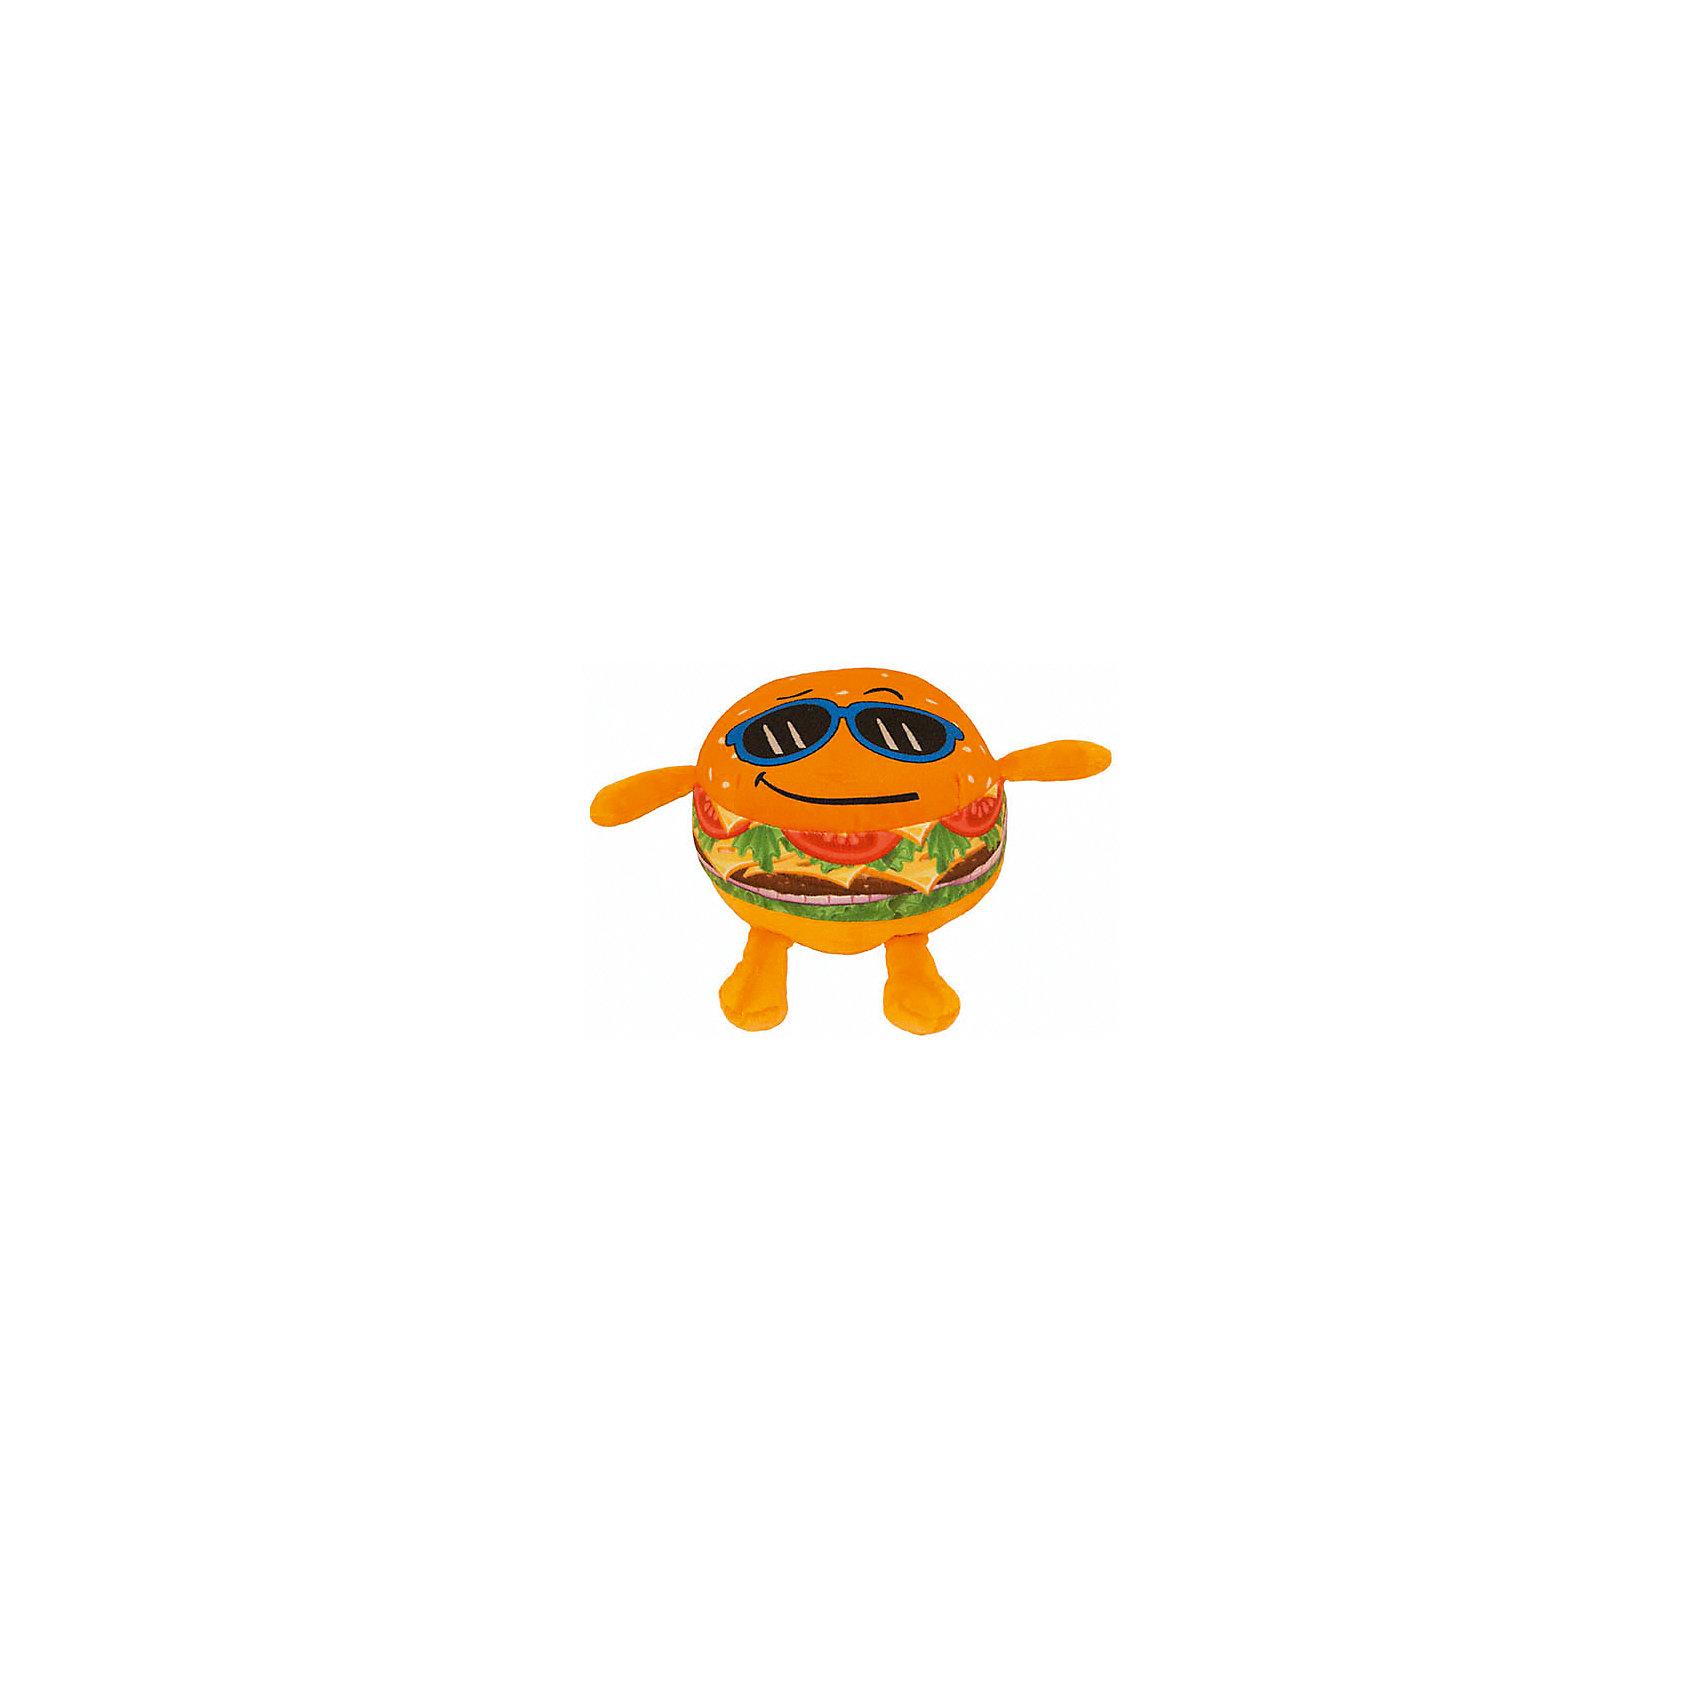 Крутой бургер, Button BlueМягкая игрушка Крутой бургер от марки Button Blue<br><br>Мягкие игрушки нравятся практически всем детям. Они безопасны, удобны, приятны на ощупь, с ними можно придумать множество игр. Играя с такой вещью, ребенок будет развивать воображение. Крутой бургер обязательно понравится любителям поесть!<br>Помимо всего, мягкие игрушки хорошо смотрятся в интерьере, они украшают и дополняют детскую комнату. Игрушки от Button Blue отличаются высоким качеством, оригинальным дизайном, яркими цветами и отличным исполнением.<br><br>Отличительные особенности игрушки:<br><br>- материал: текстиль;<br>- цвет: разноцветный;<br>- размер упаковки: 15 х 20 х 5 см;<br>- вес: 93 г.<br><br>Мягкую игрушку Крутой бургер от марки Button Blue можно купить в нашем магазине.<br><br>Ширина мм: 150<br>Глубина мм: 200<br>Высота мм: 50<br>Вес г: 93<br>Возраст от месяцев: 36<br>Возраст до месяцев: 84<br>Пол: Унисекс<br>Возраст: Детский<br>SKU: 4665007